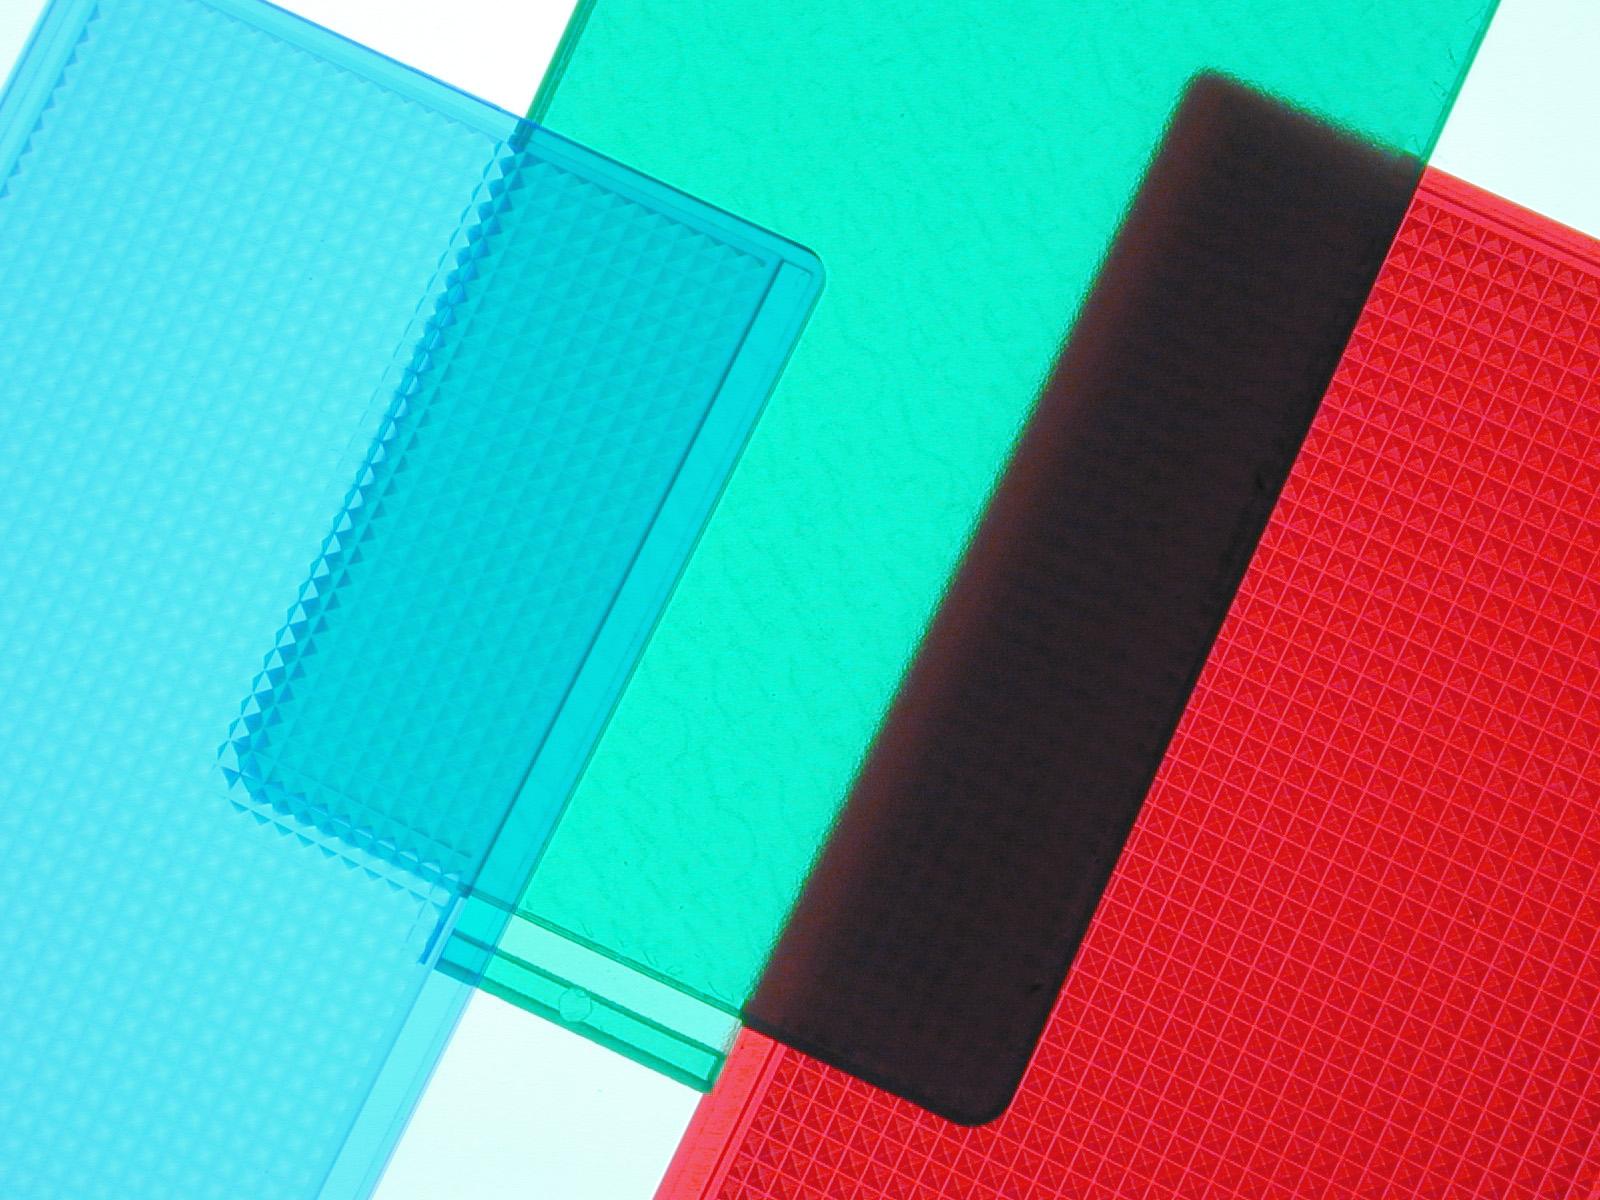 Transparent, Translucent, Opaque.